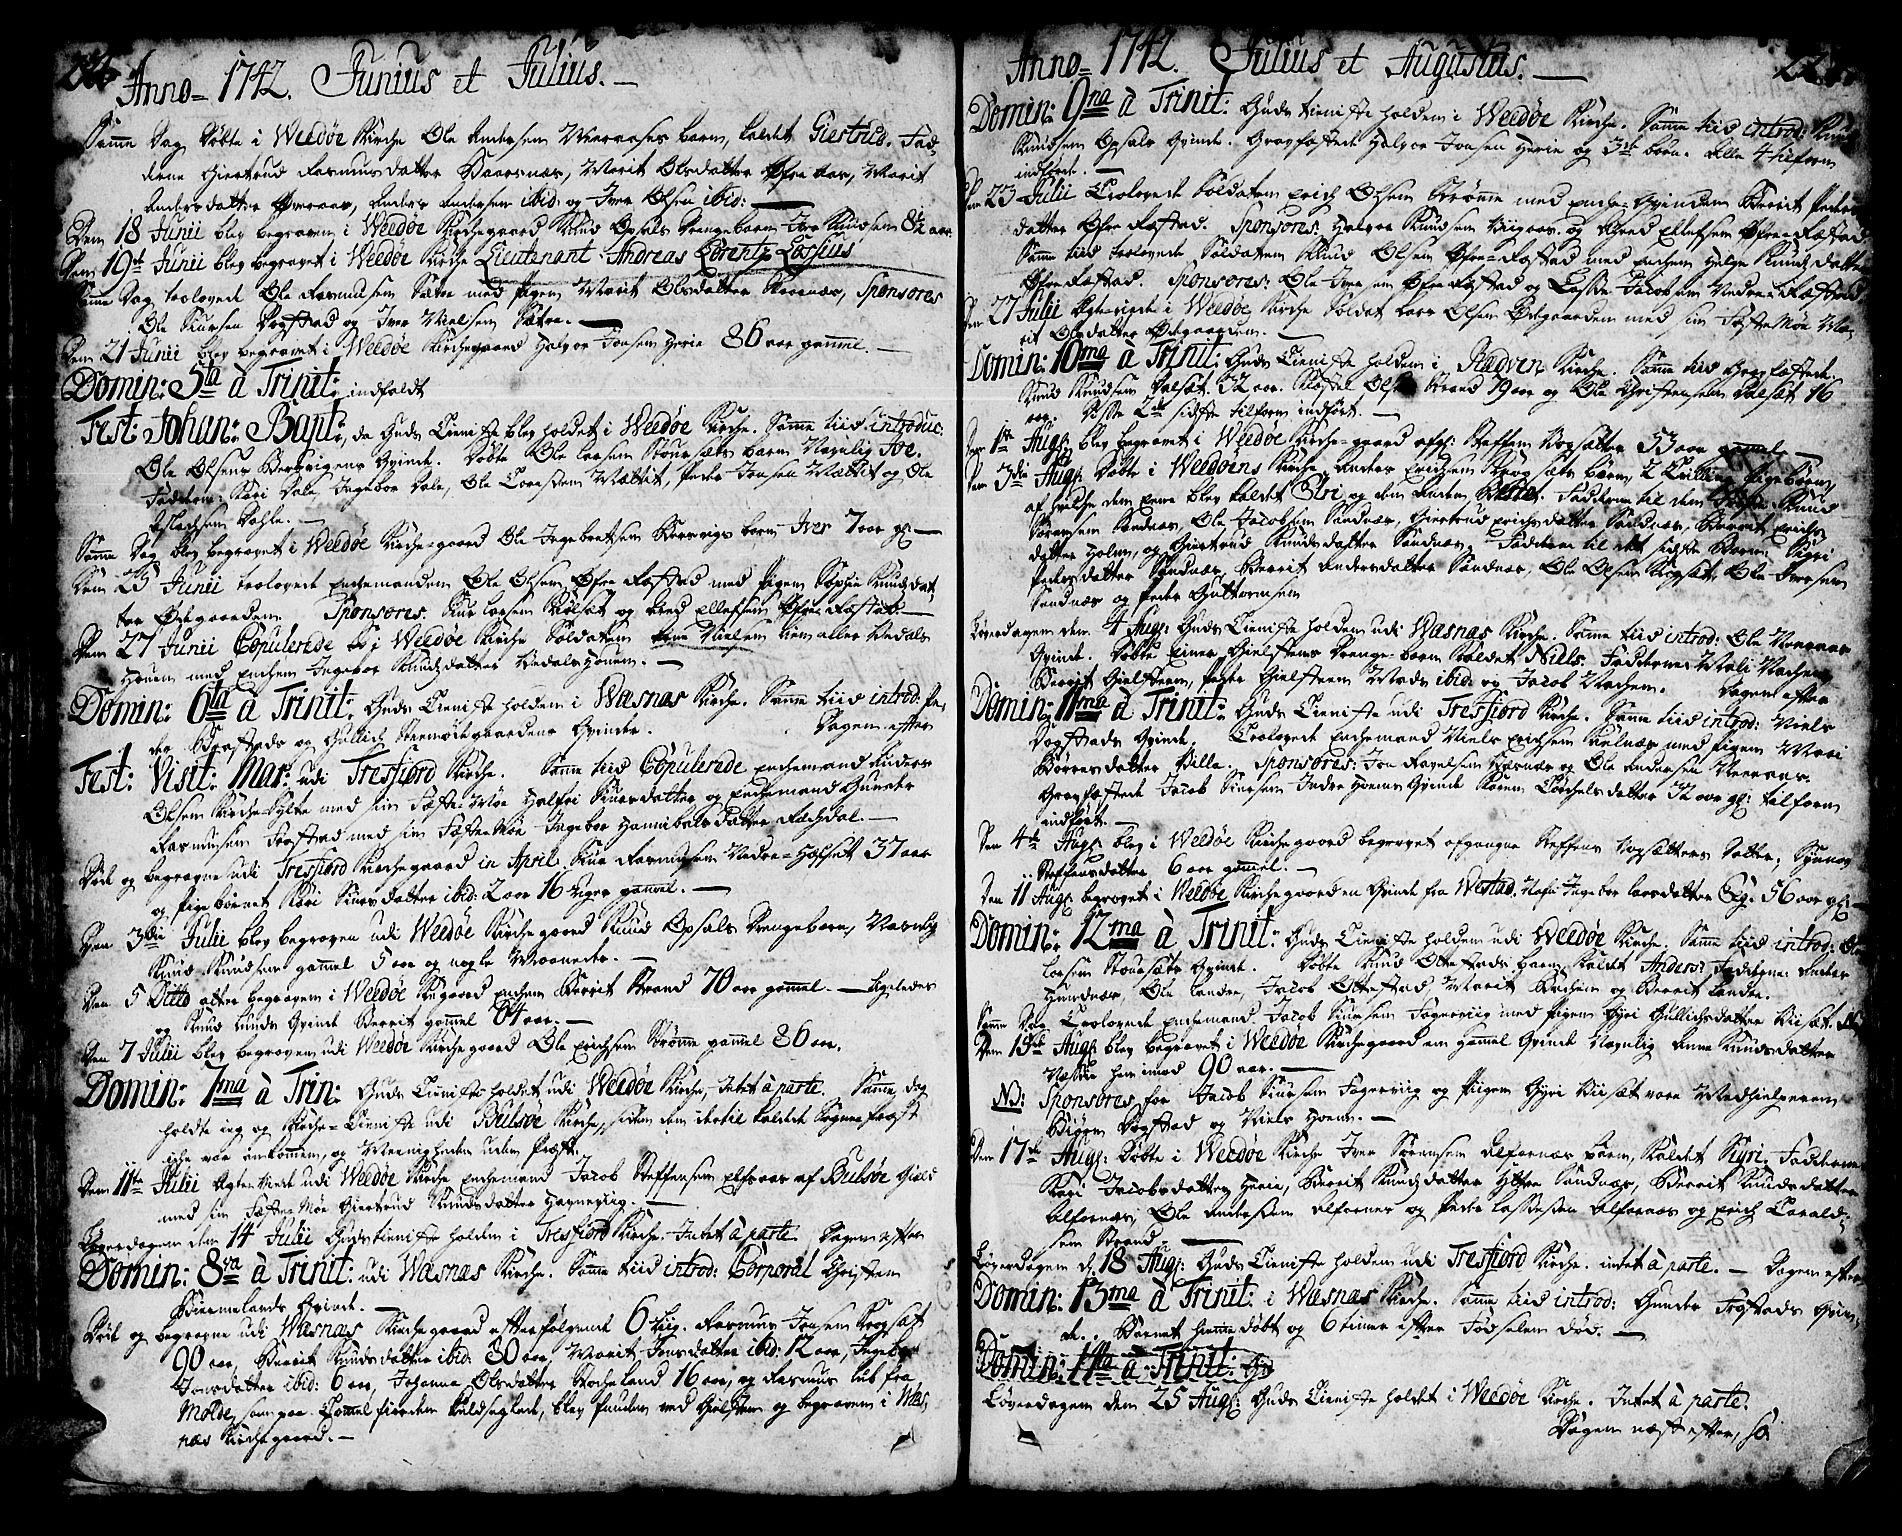 SAT, Ministerialprotokoller, klokkerbøker og fødselsregistre - Møre og Romsdal, 547/L0599: Ministerialbok nr. 547A01, 1721-1764, s. 226-227